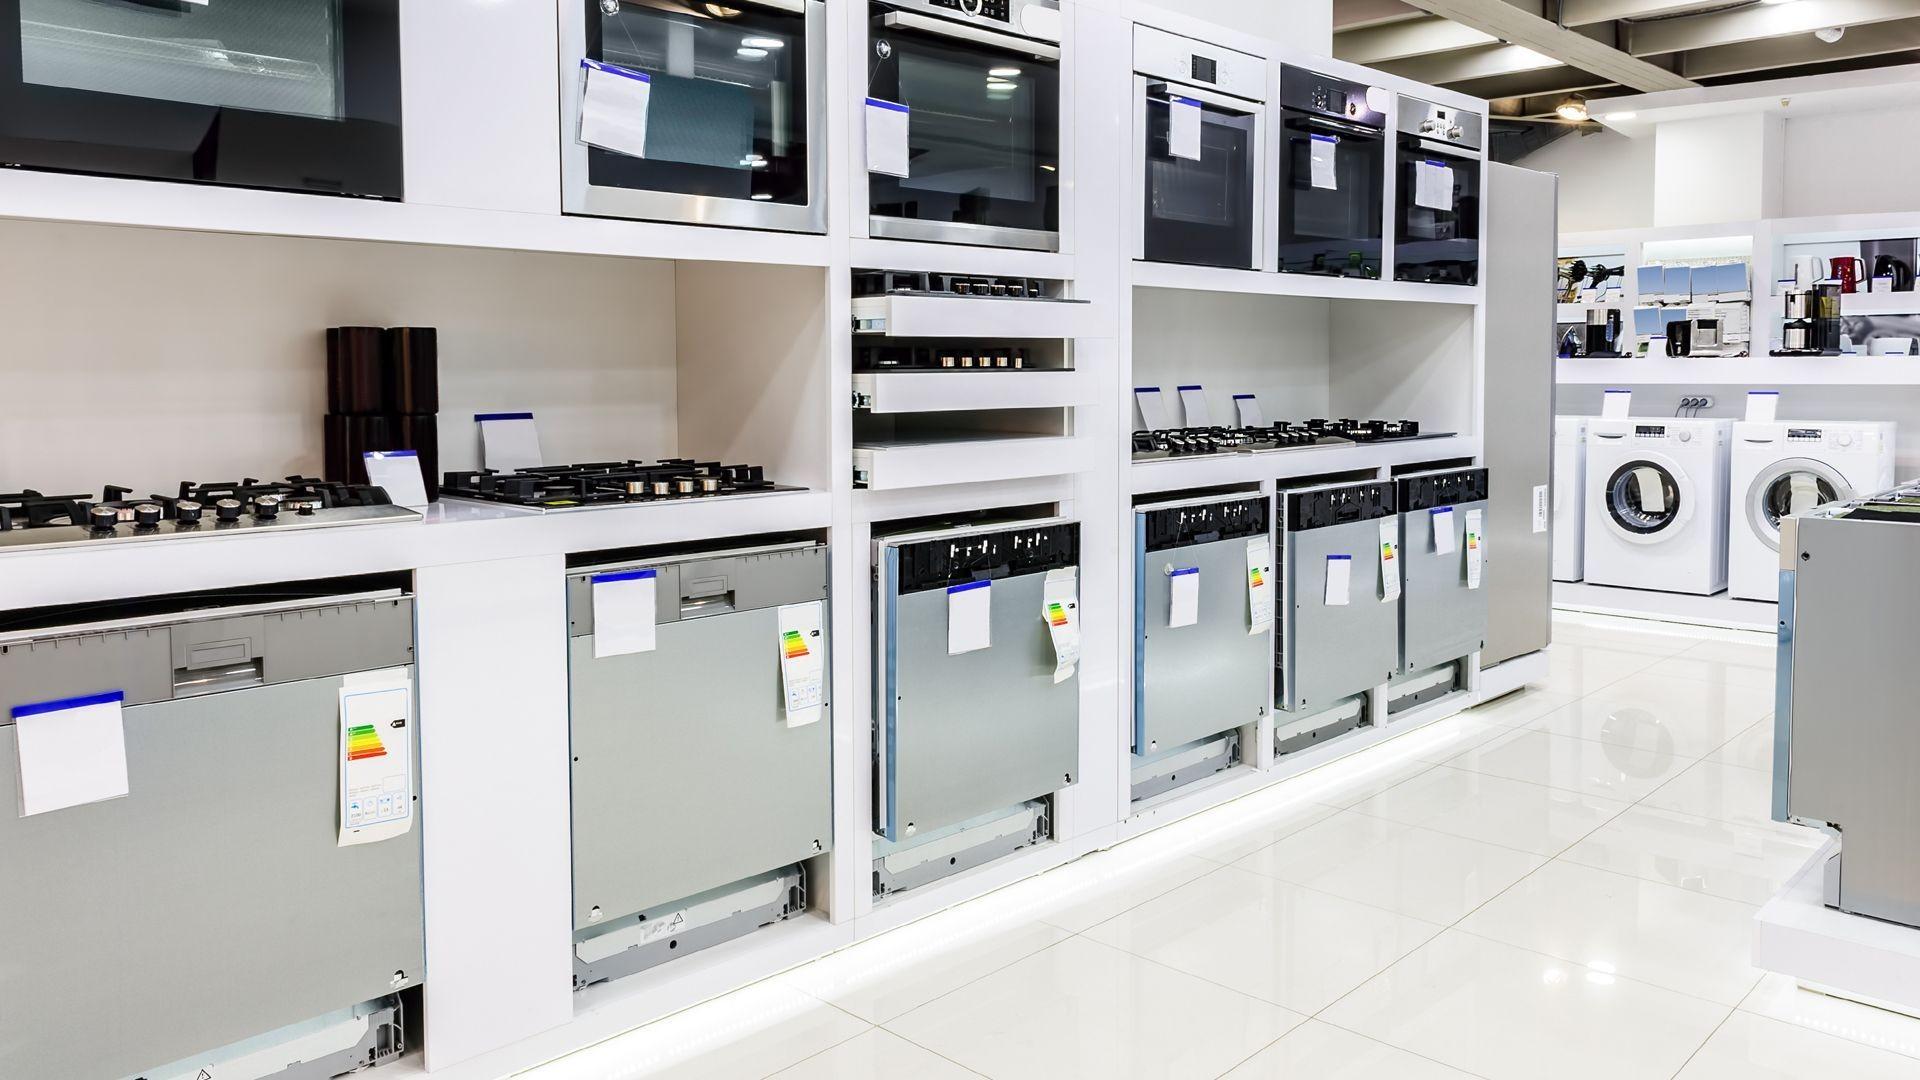 Tienda de electrodomésticos en Sant Martí Barcelona